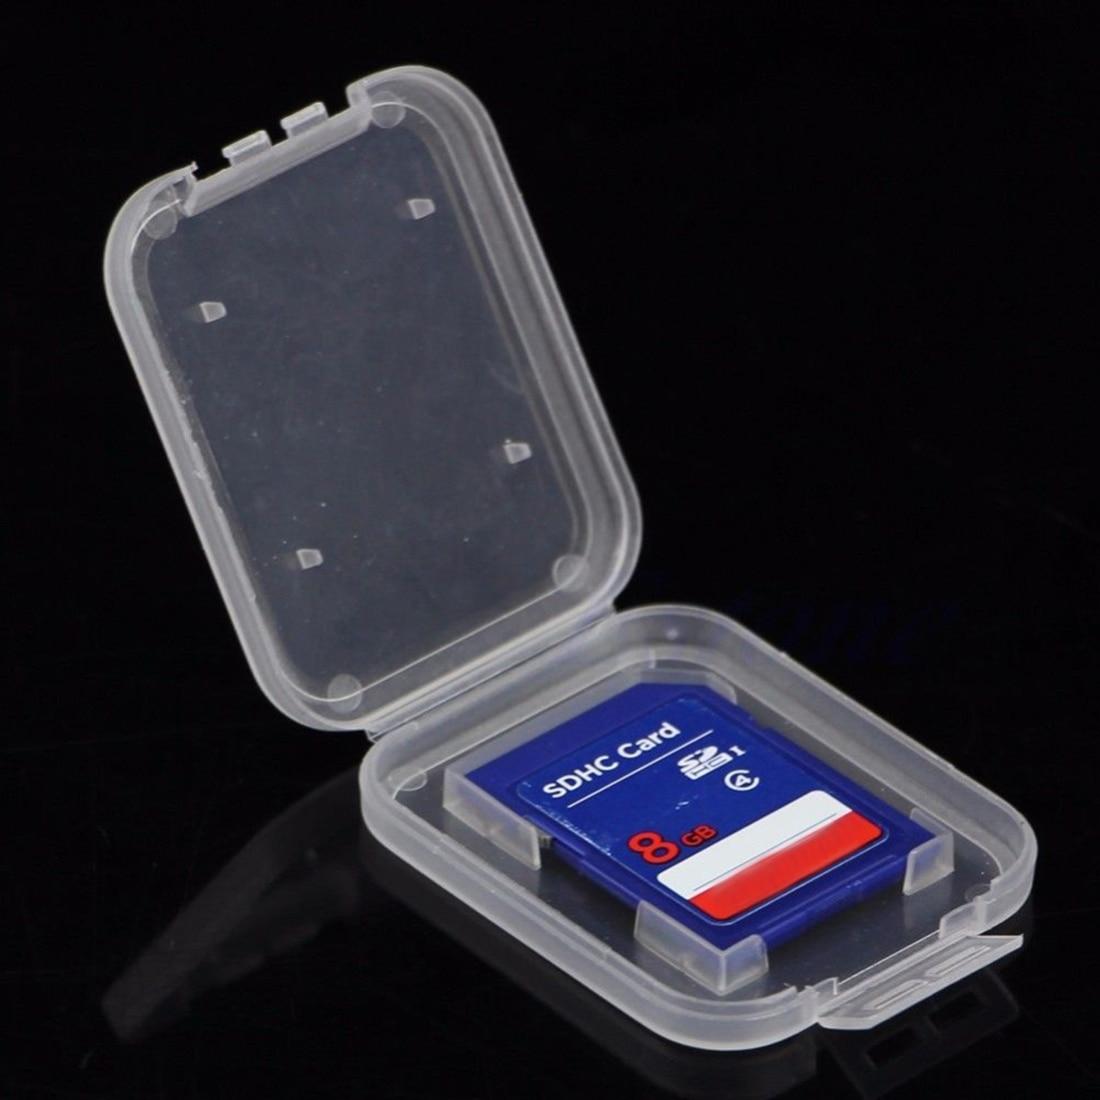 Image 2 - NOYOKERE Новый Лидер продаж 10 шт. SD SDHC держатель защитного кожуха карты памяти прозрачный пластиковый ящик для хранения-in Чехлы для карт памяти from Компьютер и офис